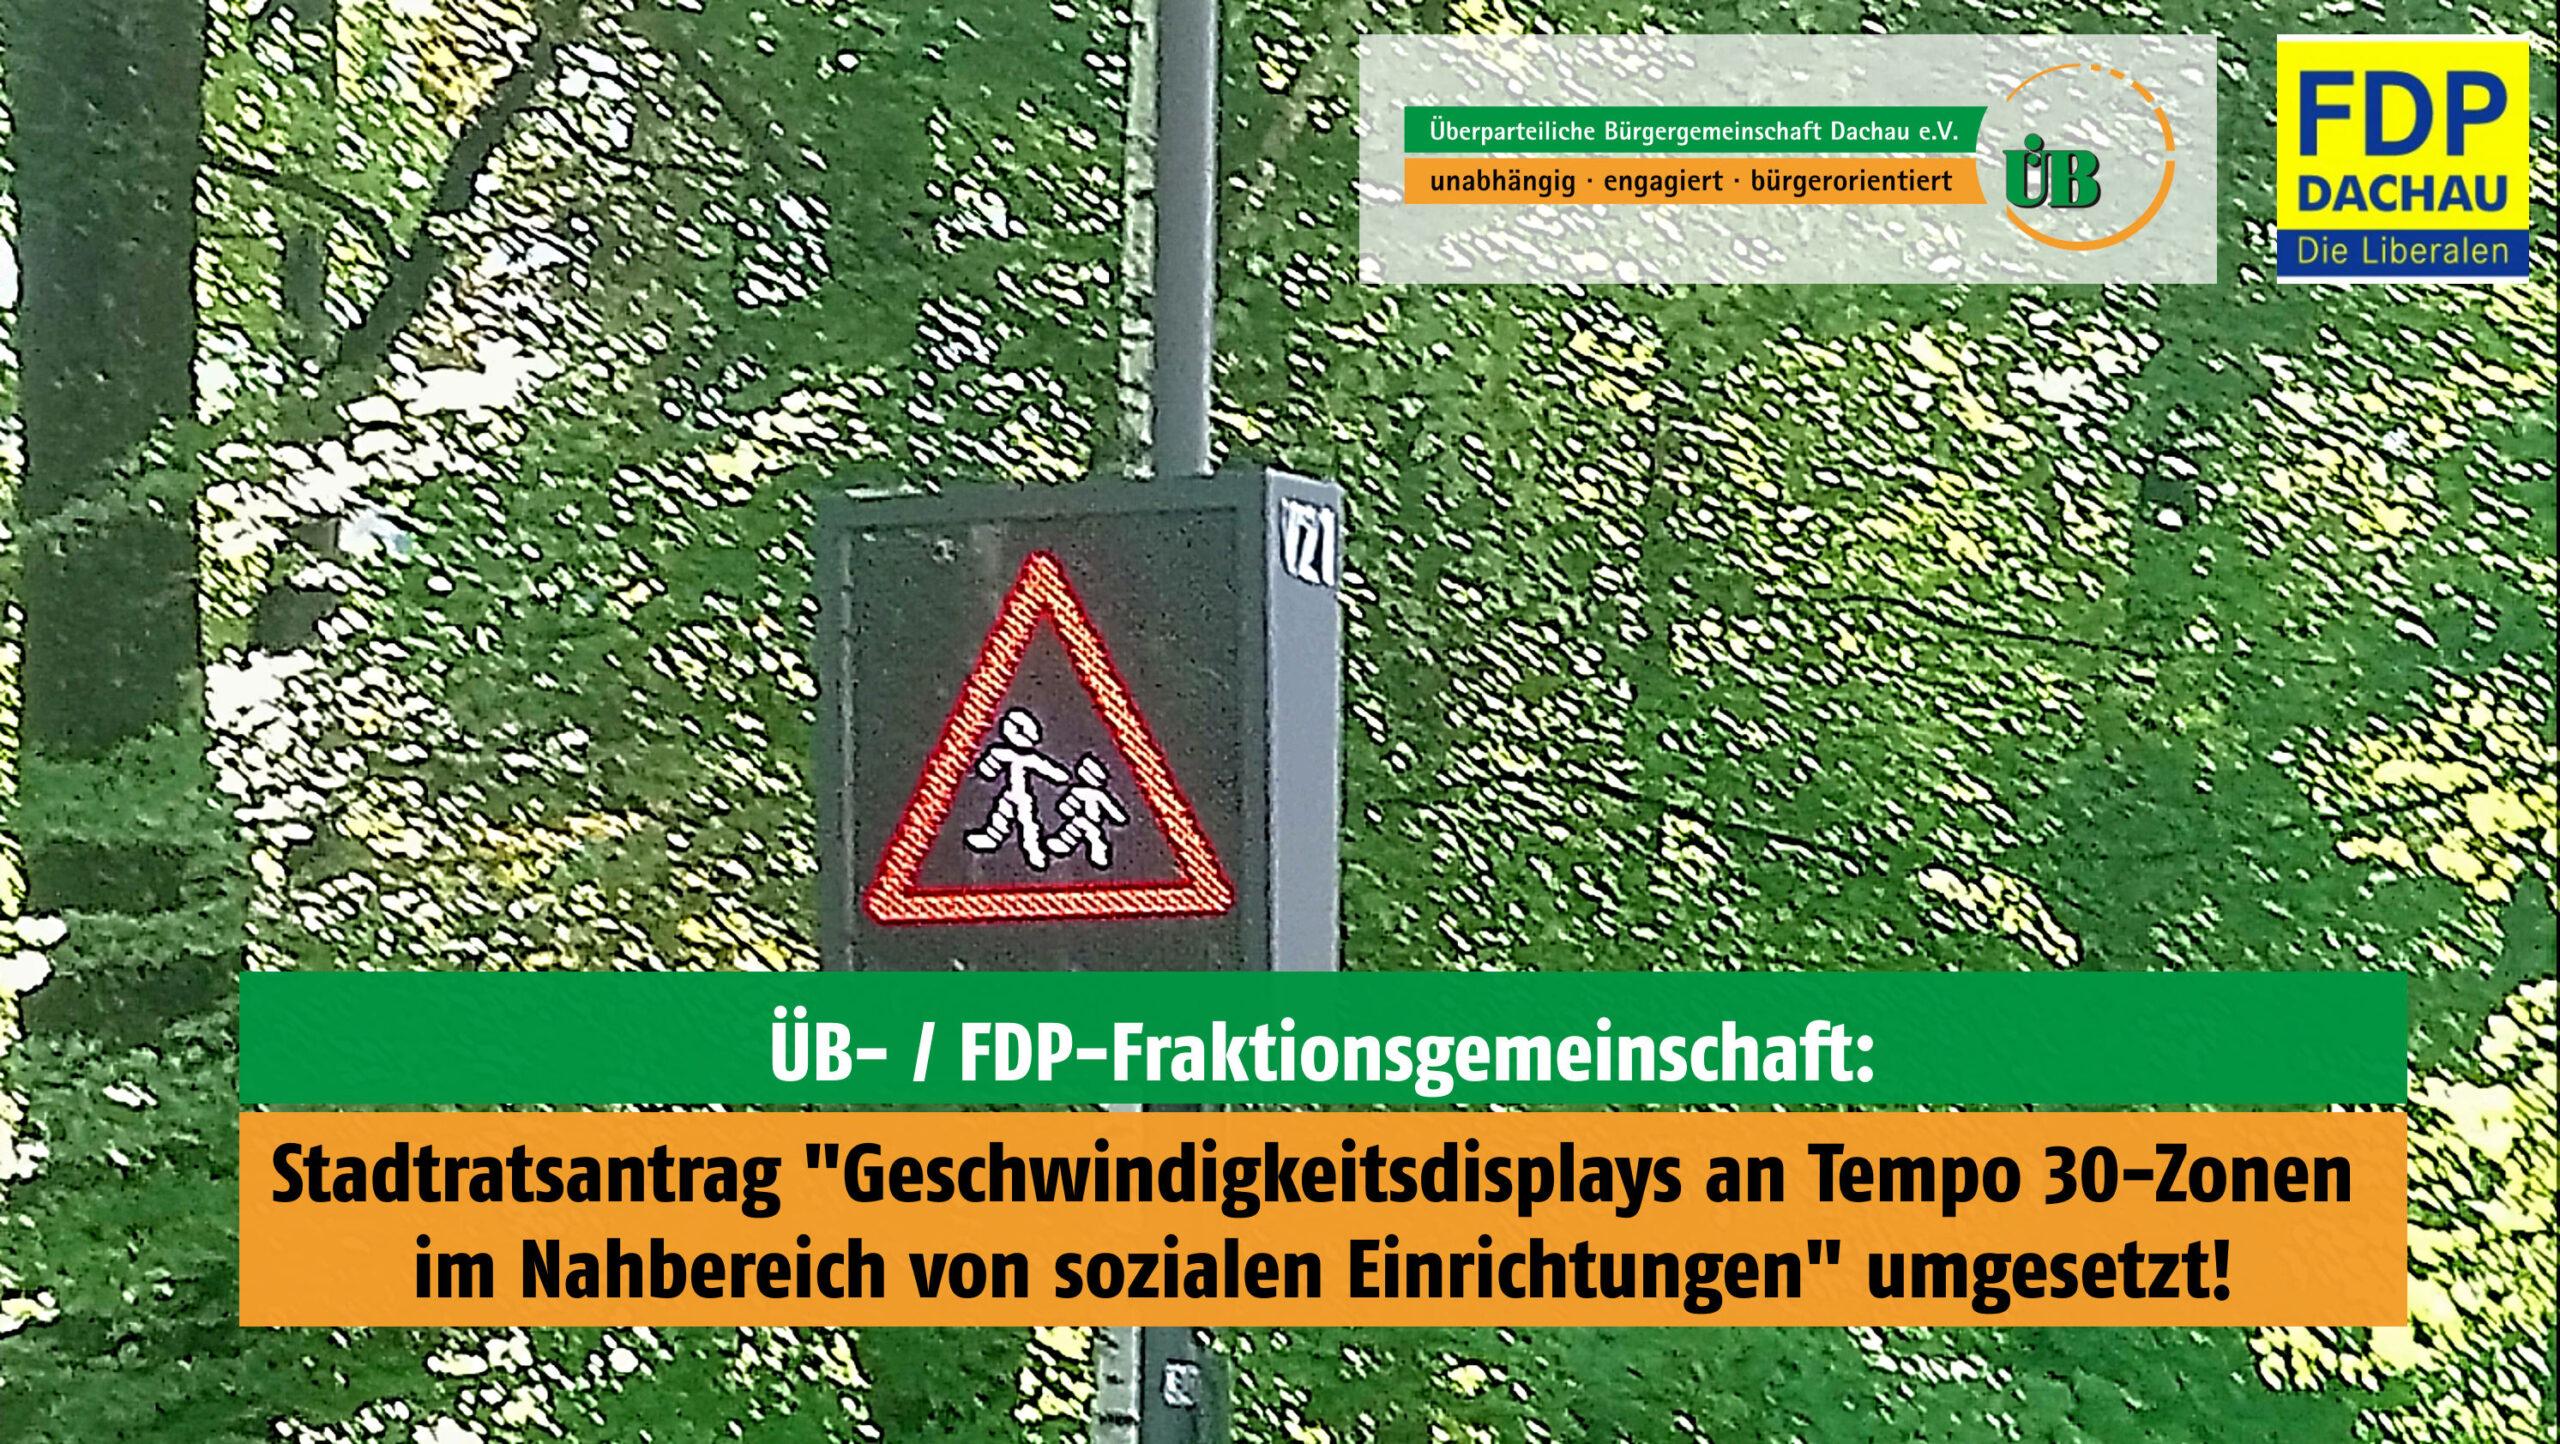 FDP/ÜB Dachau Stadtrat - Geschwindigkeits-Displays in Tempo-30-Zonen bei sozialen Einrichtungen.